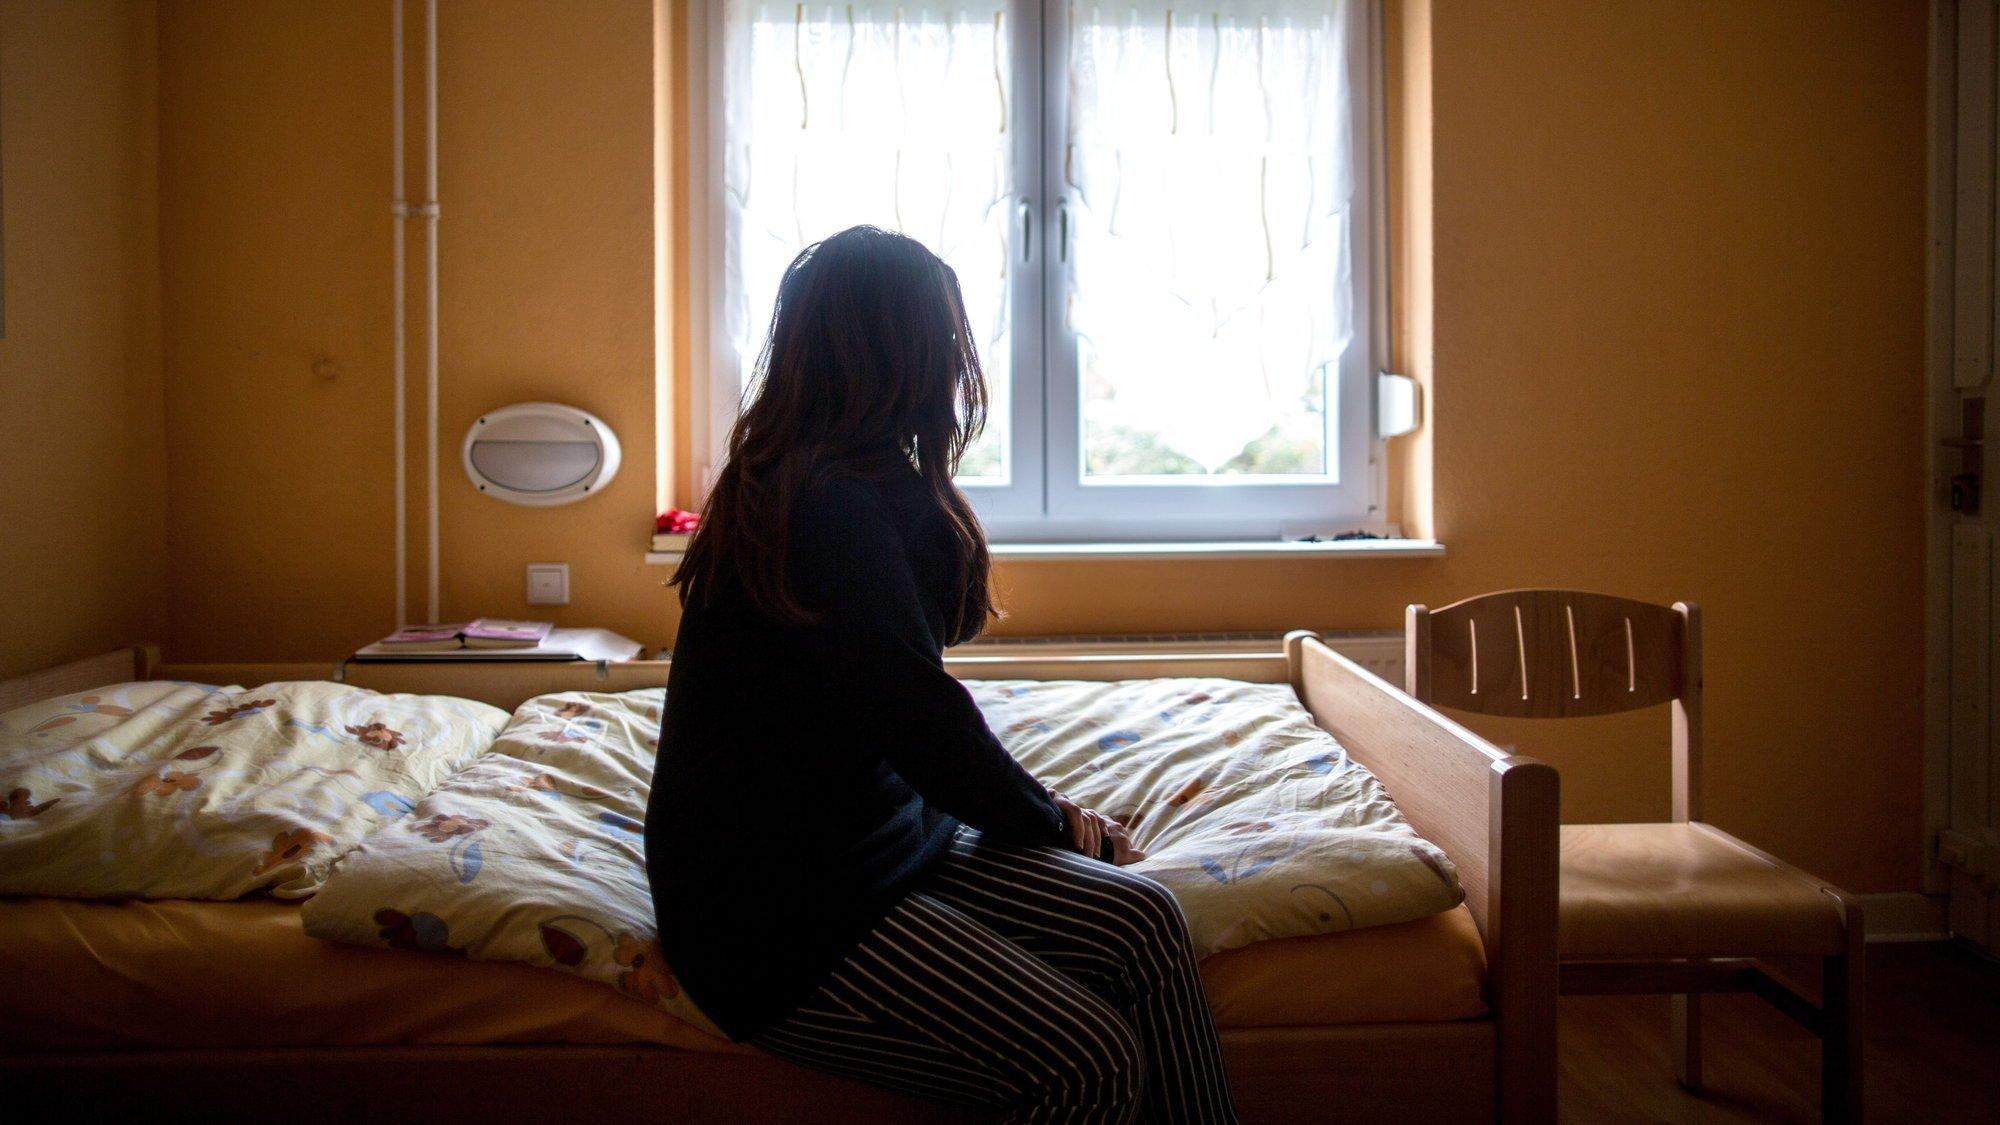 En Suisse, il manque des centaines de places dans des maisons d'accueil pour les femmes battues.